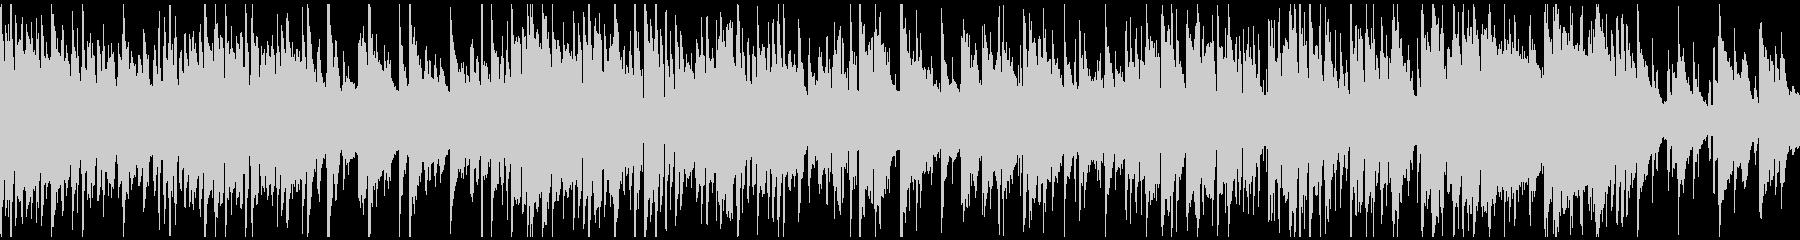 クールな雰囲気のクラブジャズ ※ループ版の未再生の波形